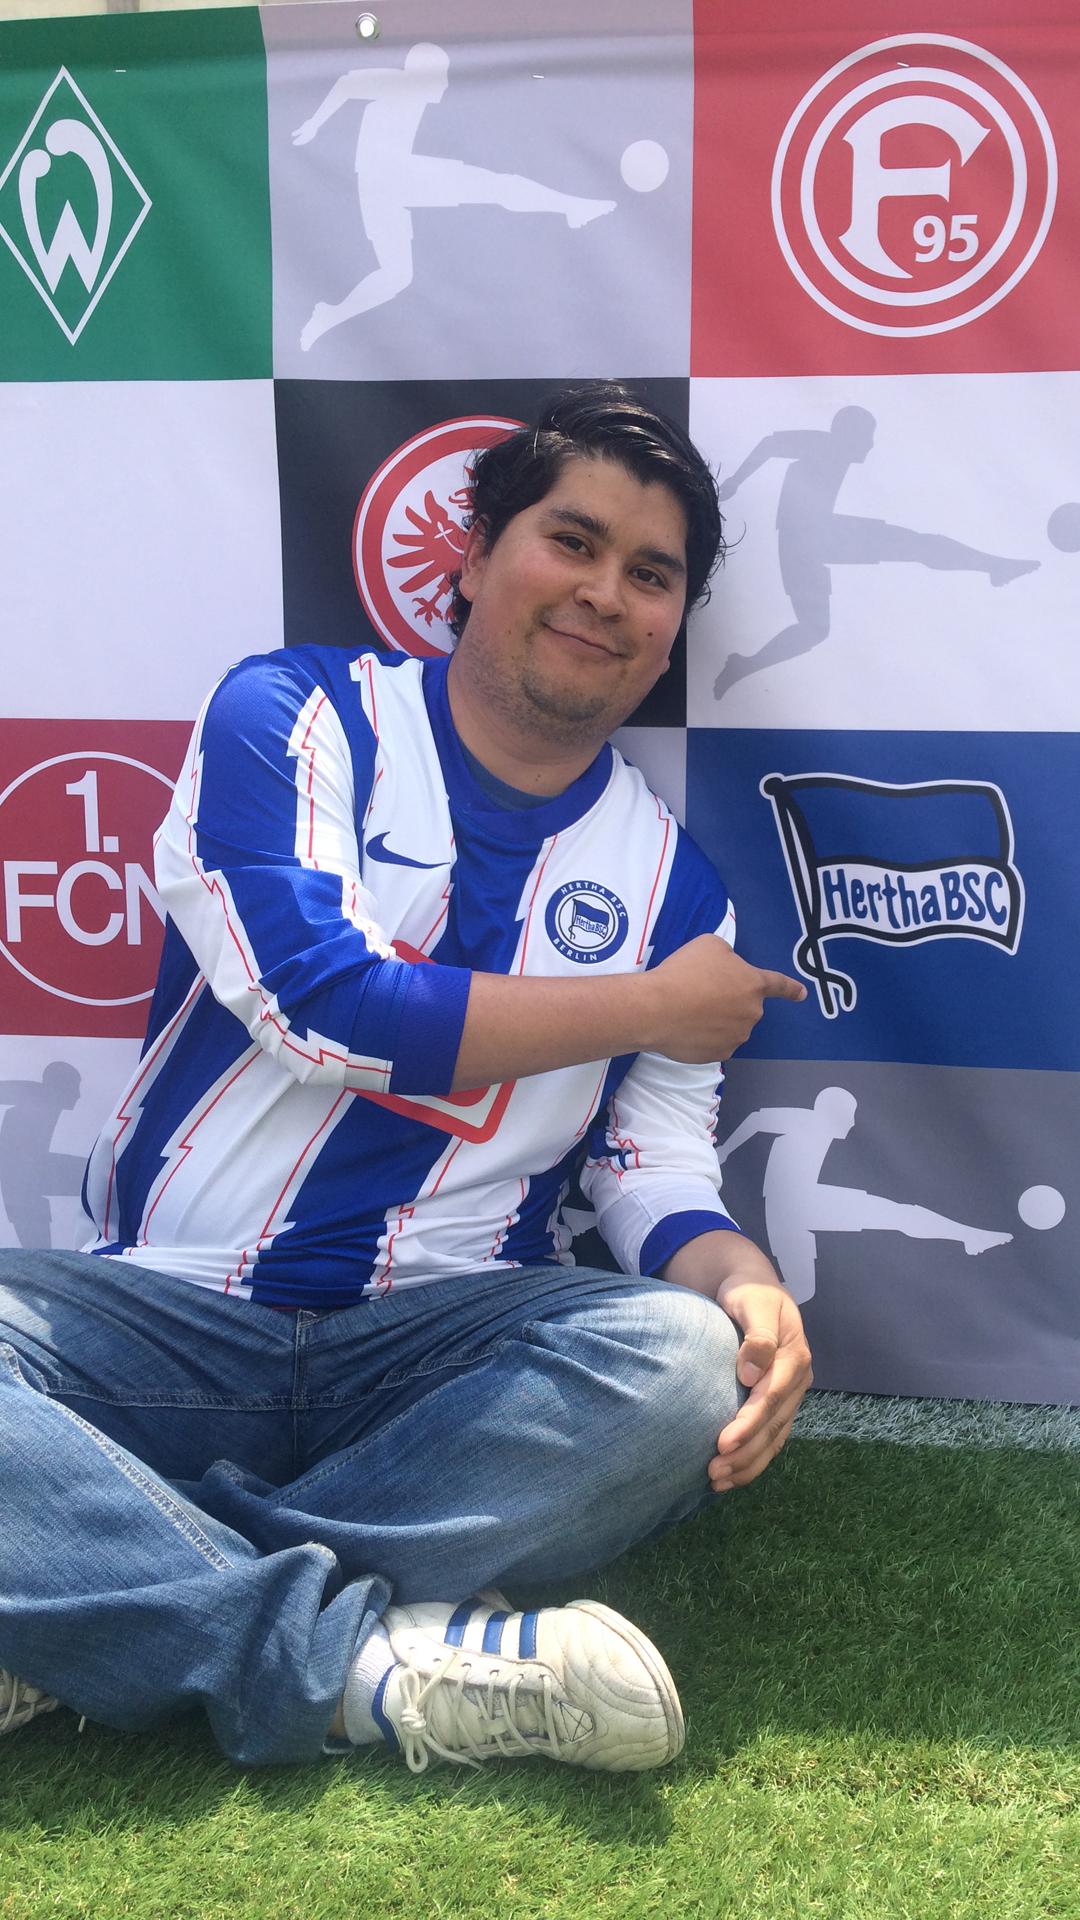 Gustavo René Pineda Godoy bei einem Bundesliga-Event in Mexiko-Stadt.